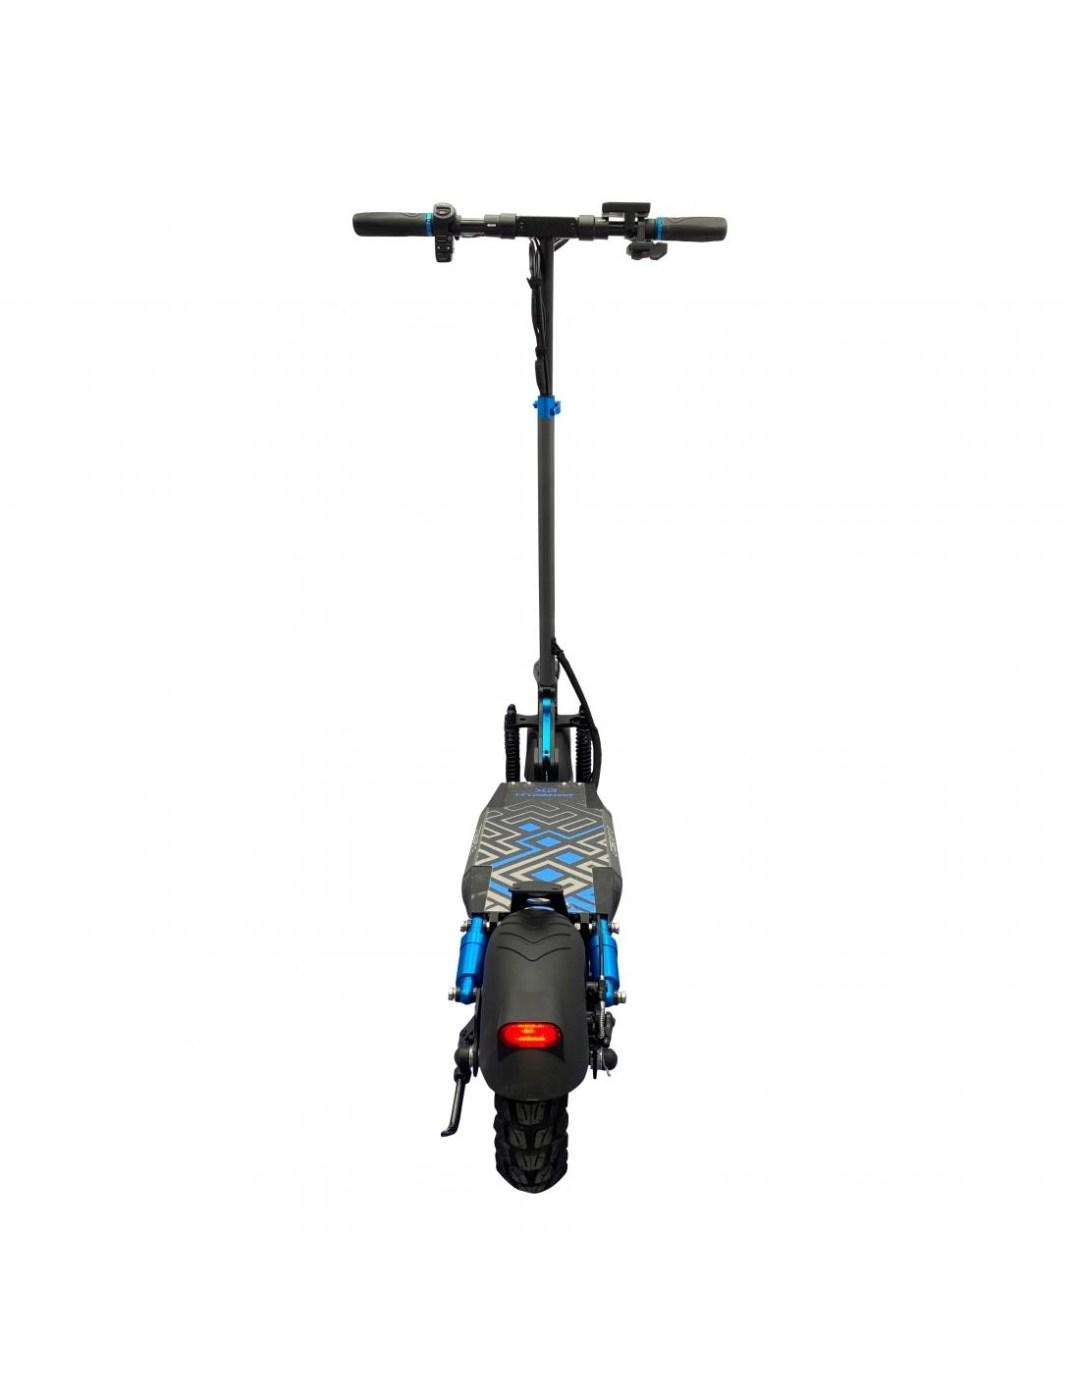 patinete electrico Smartgyro Crossover foto 5